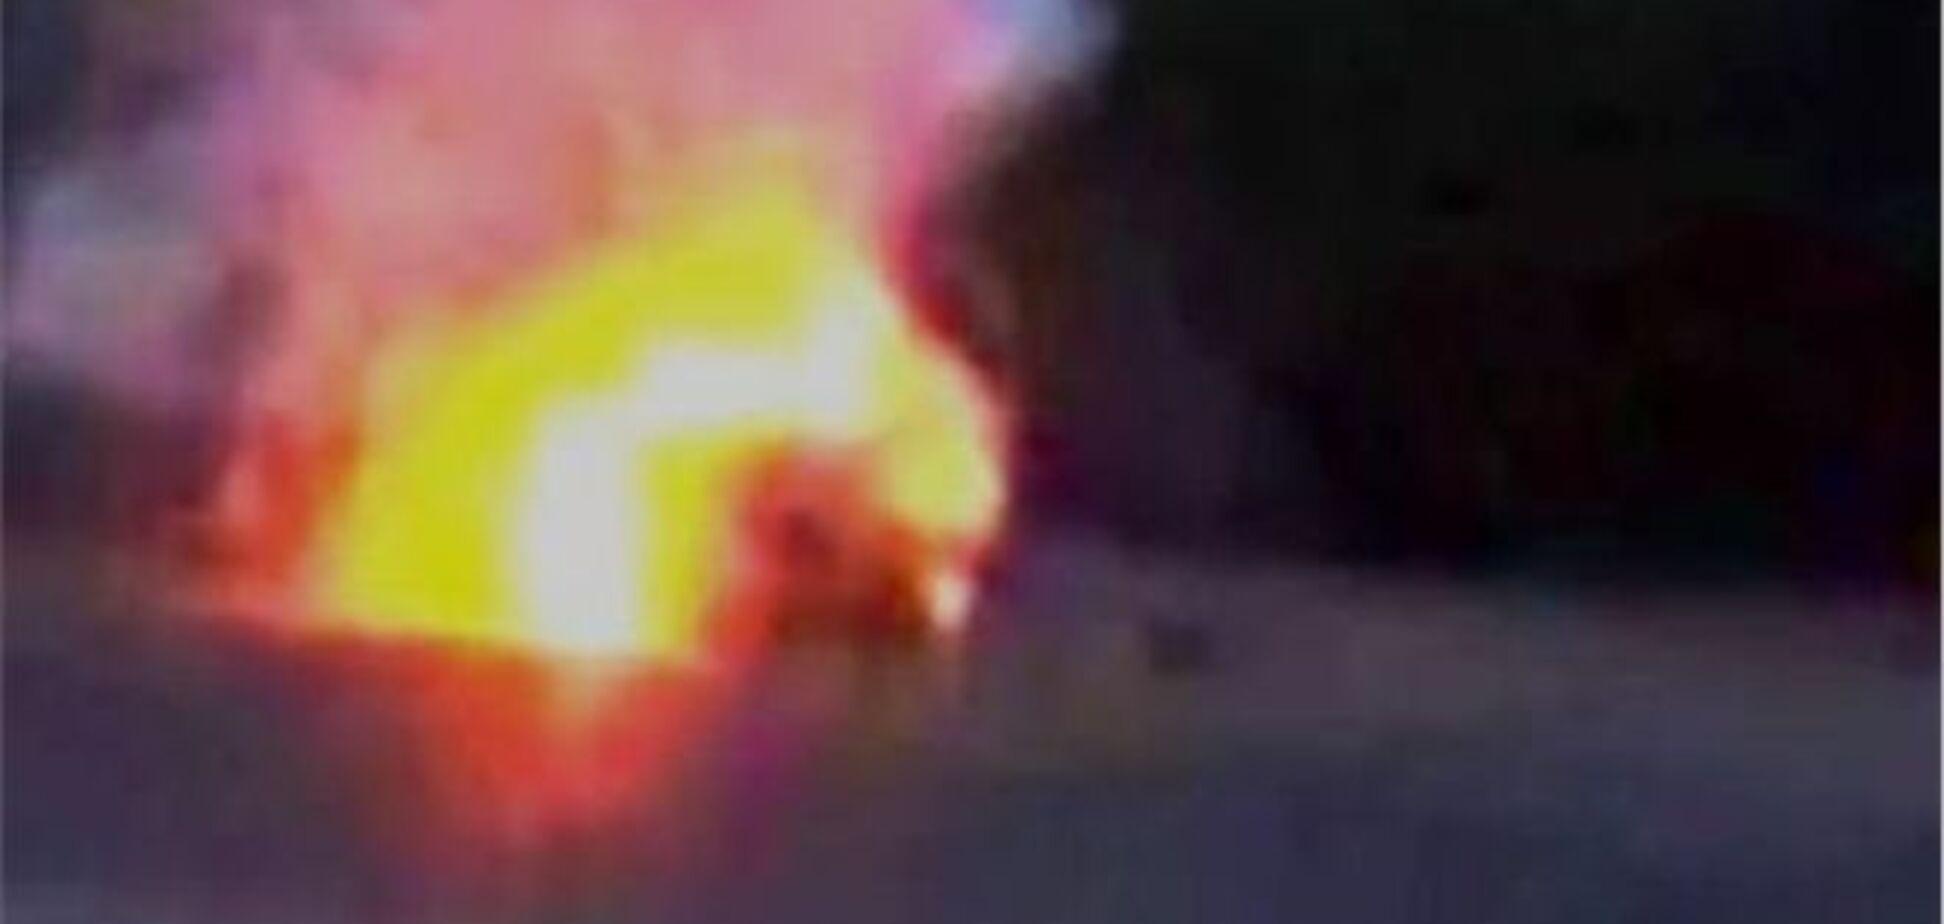 Співробітники ДАІ витягнули трьох осіб з палаючого автомобіля